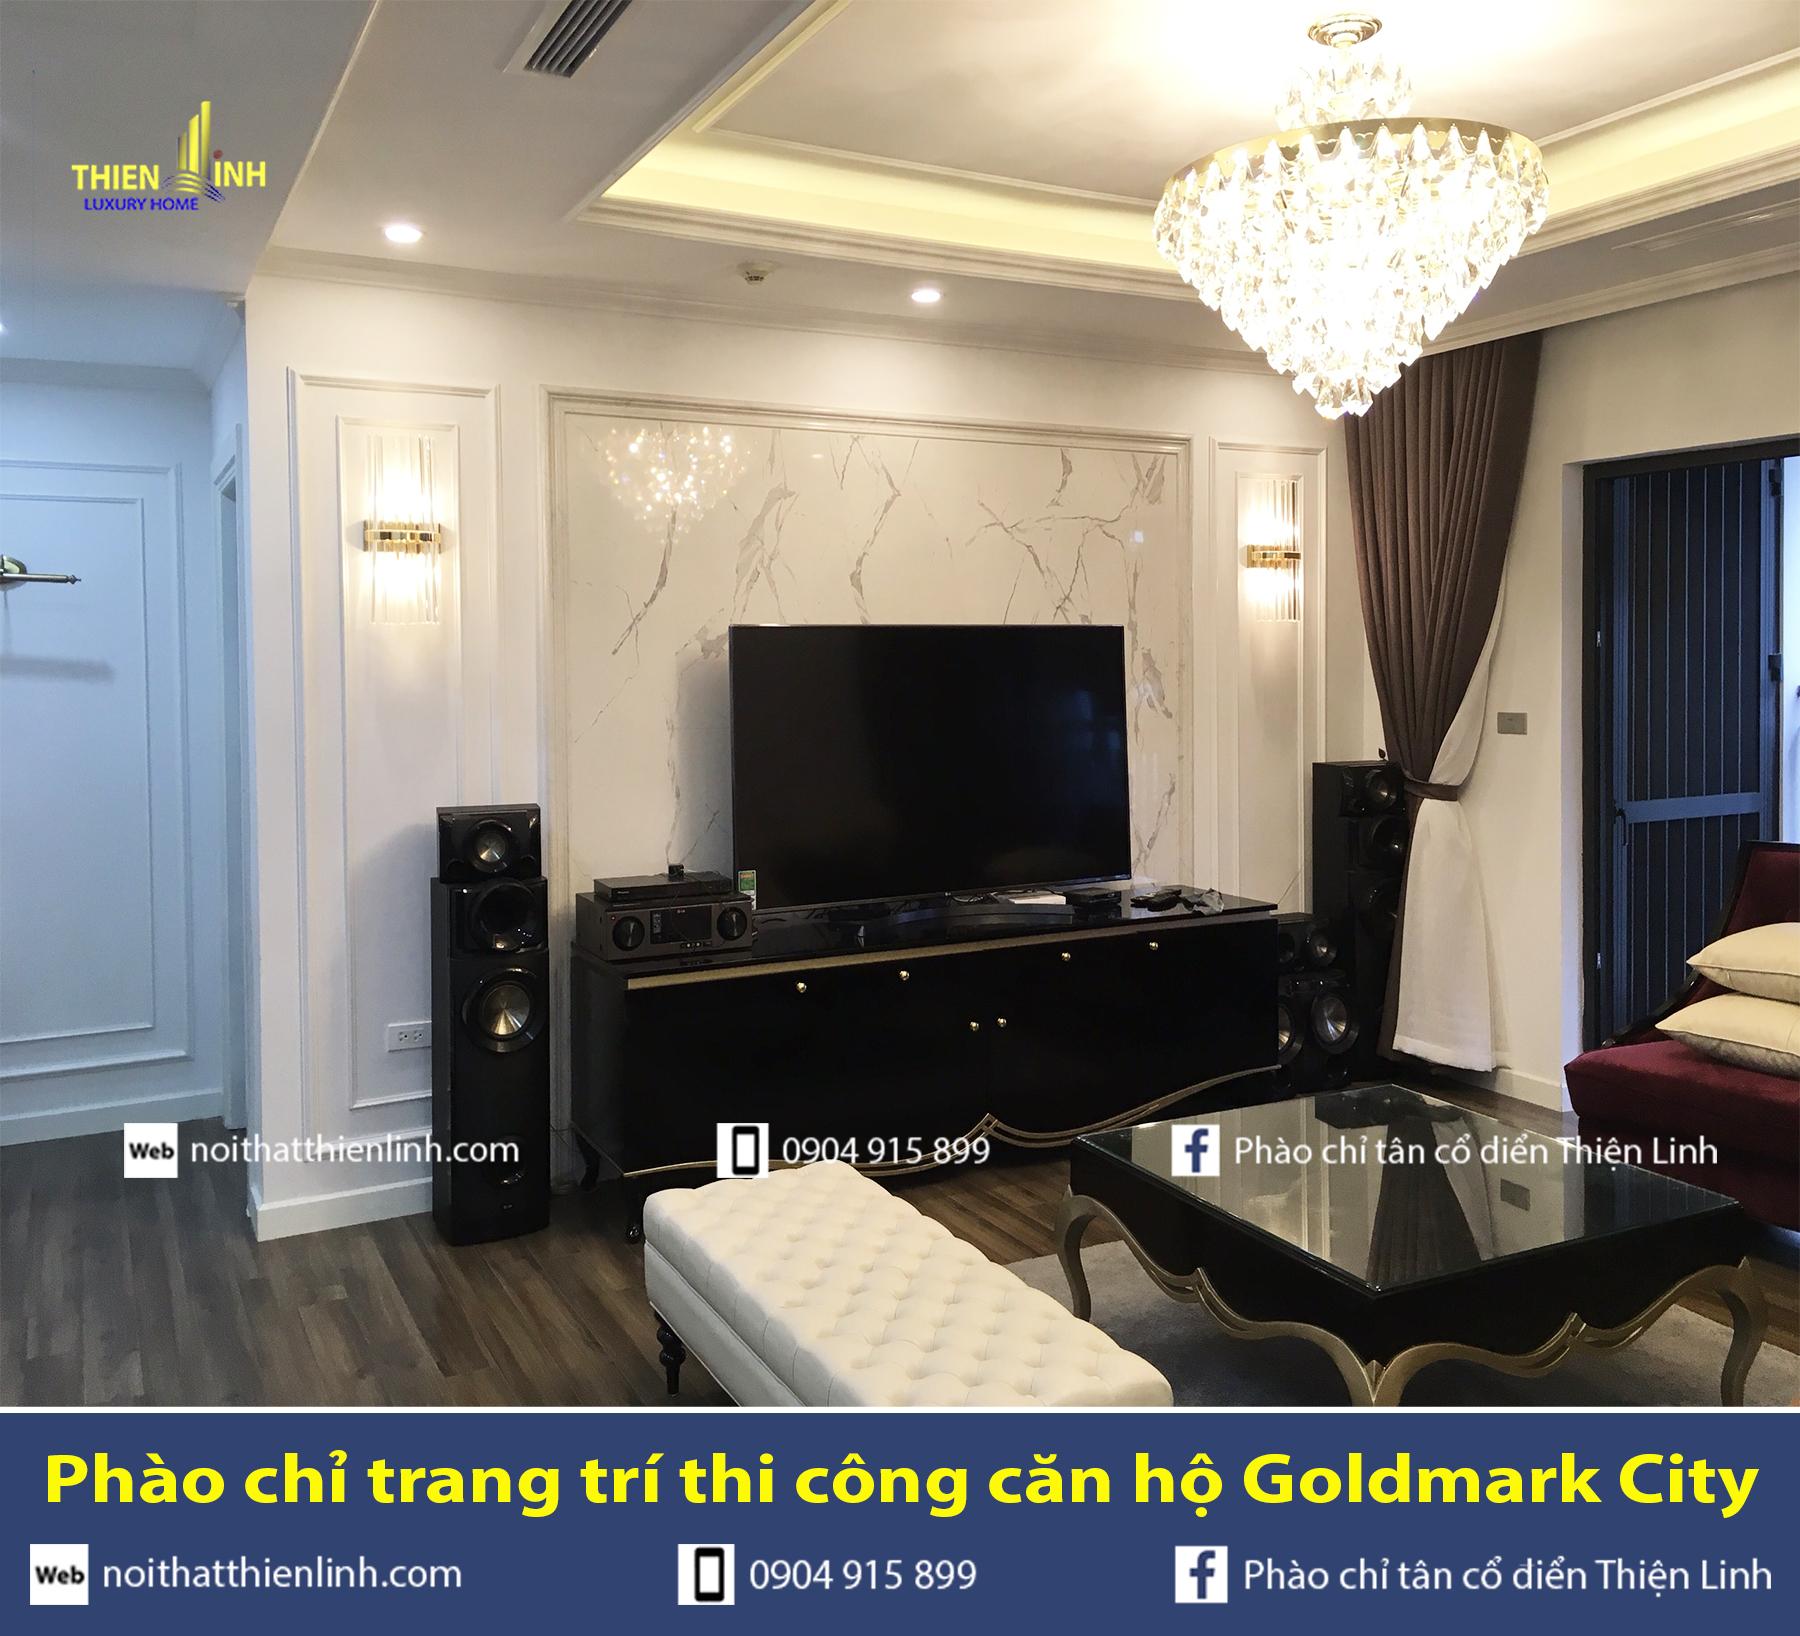 Phào chỉ trang trí thi công căn hộ Goldmark City (2)